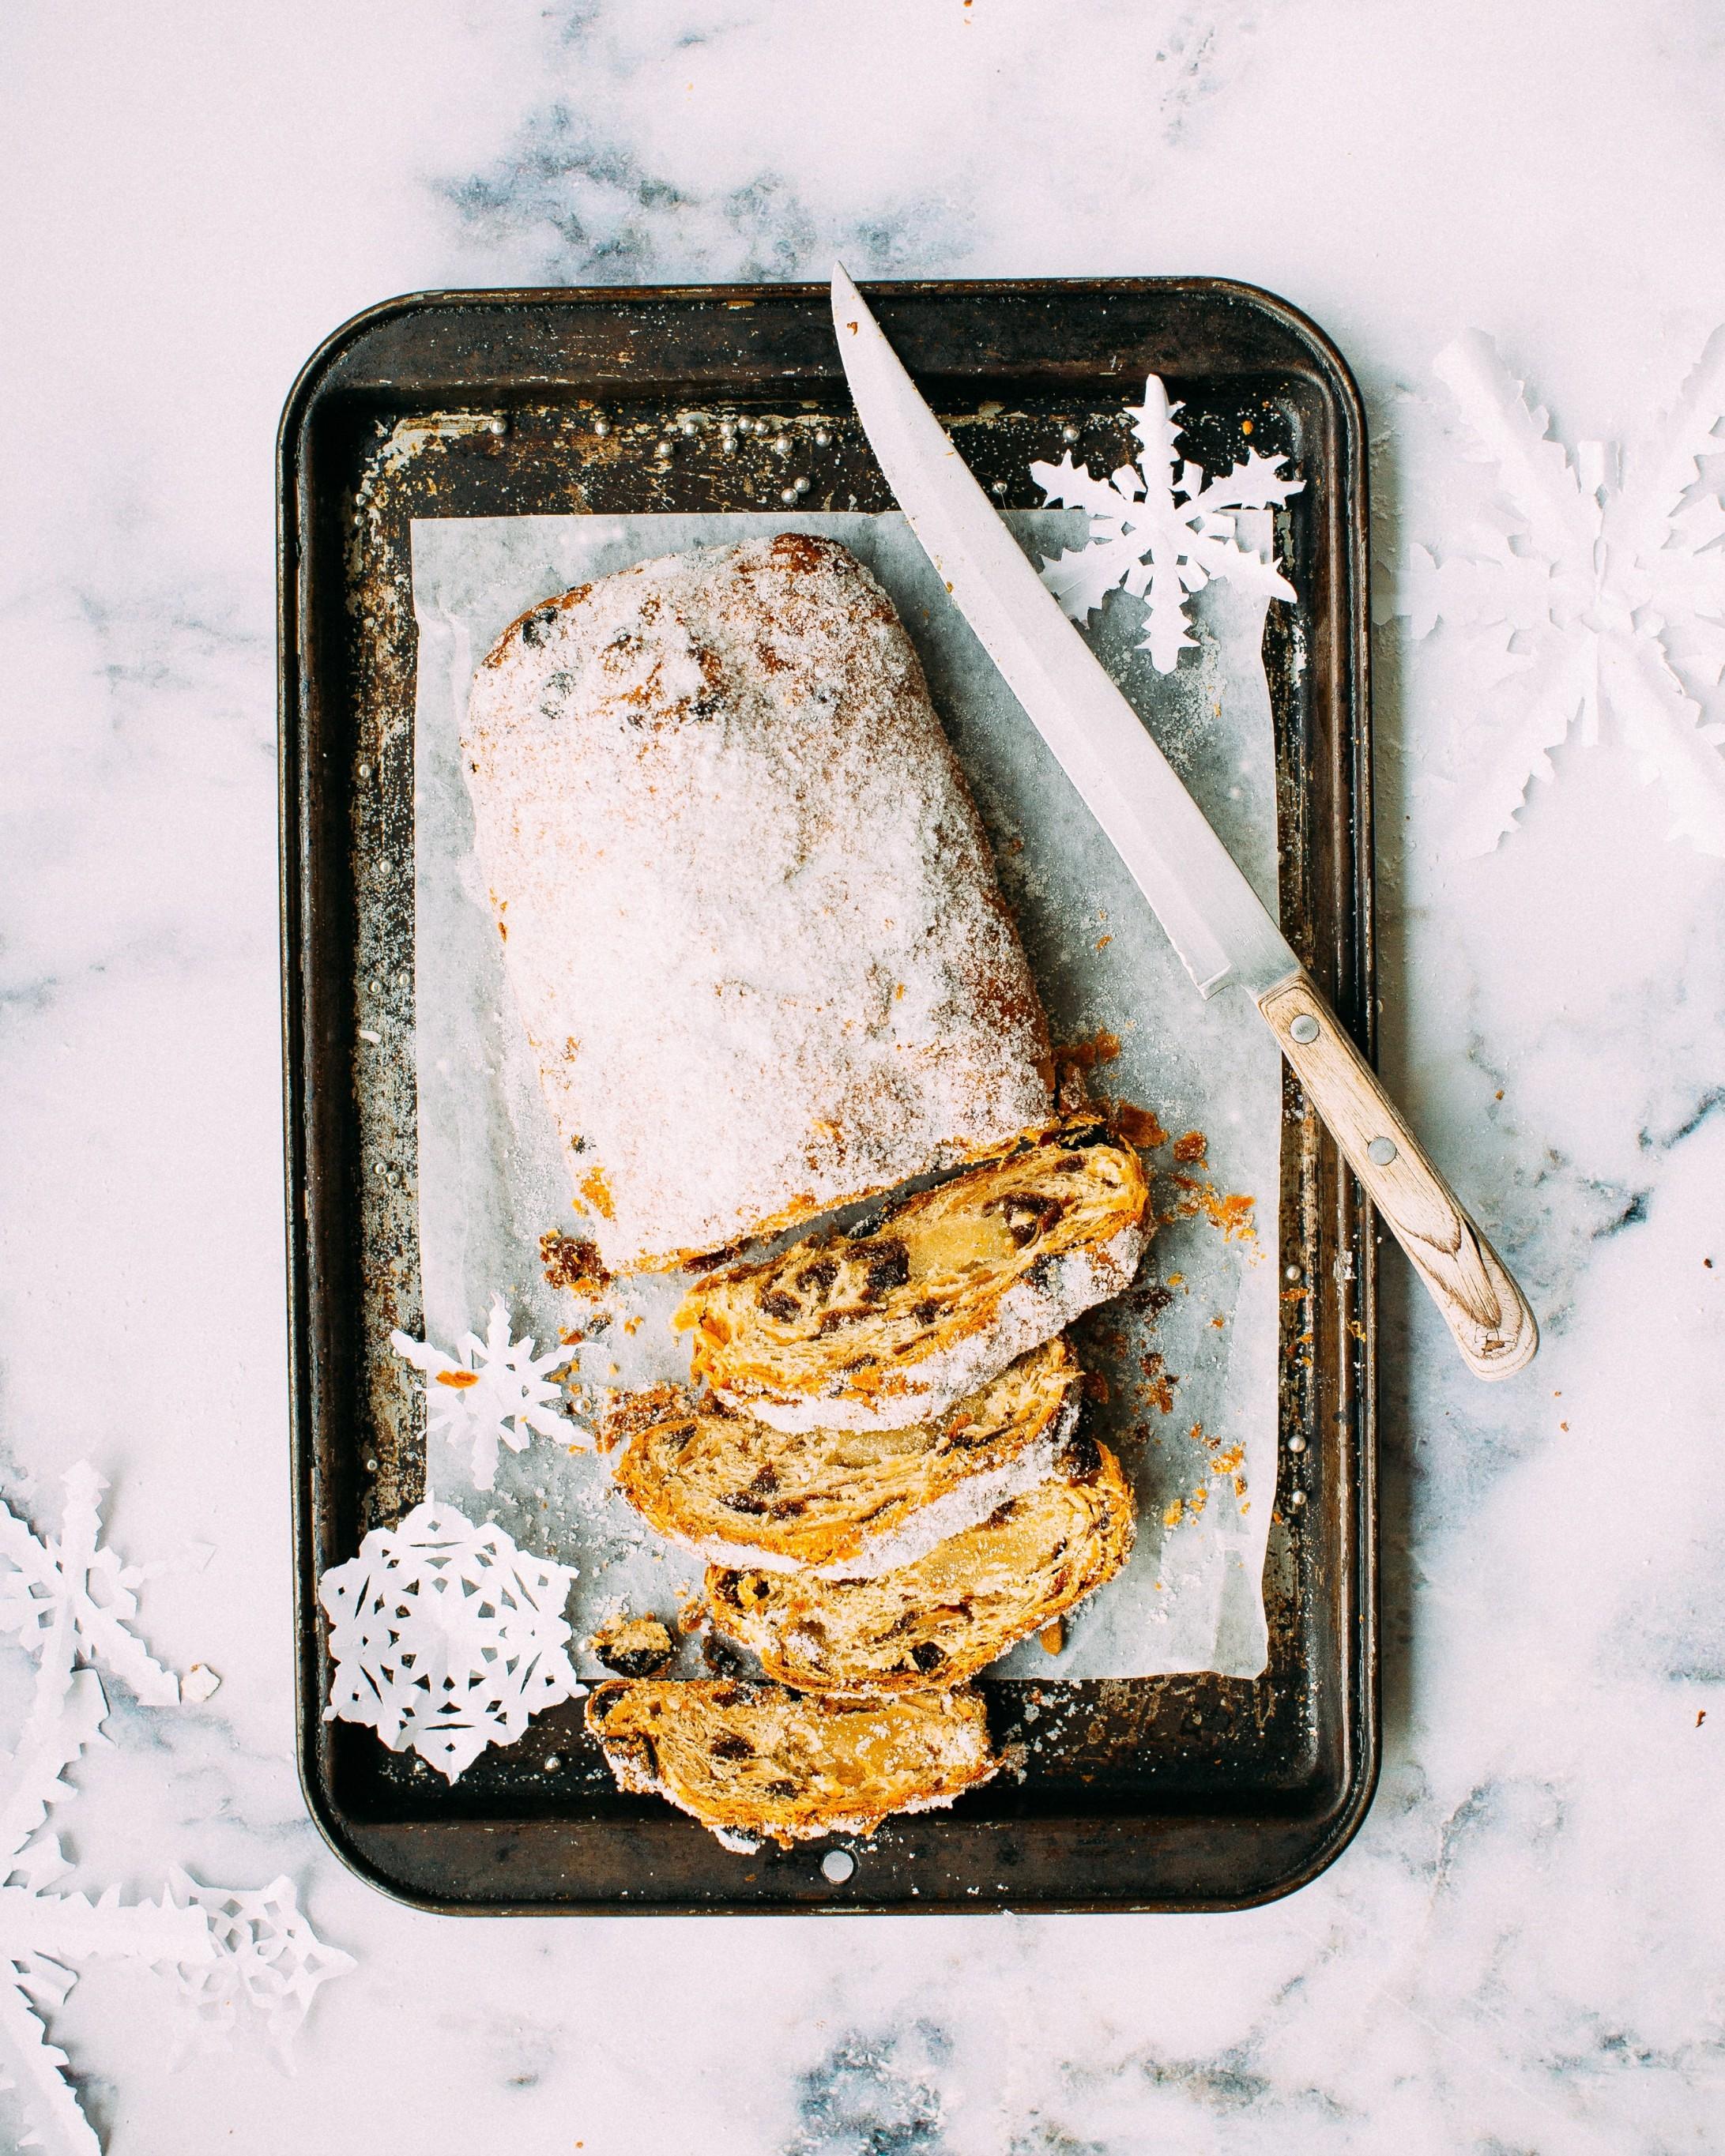 Recettes : 4 desserts de Noël venus d'ailleurs - 4